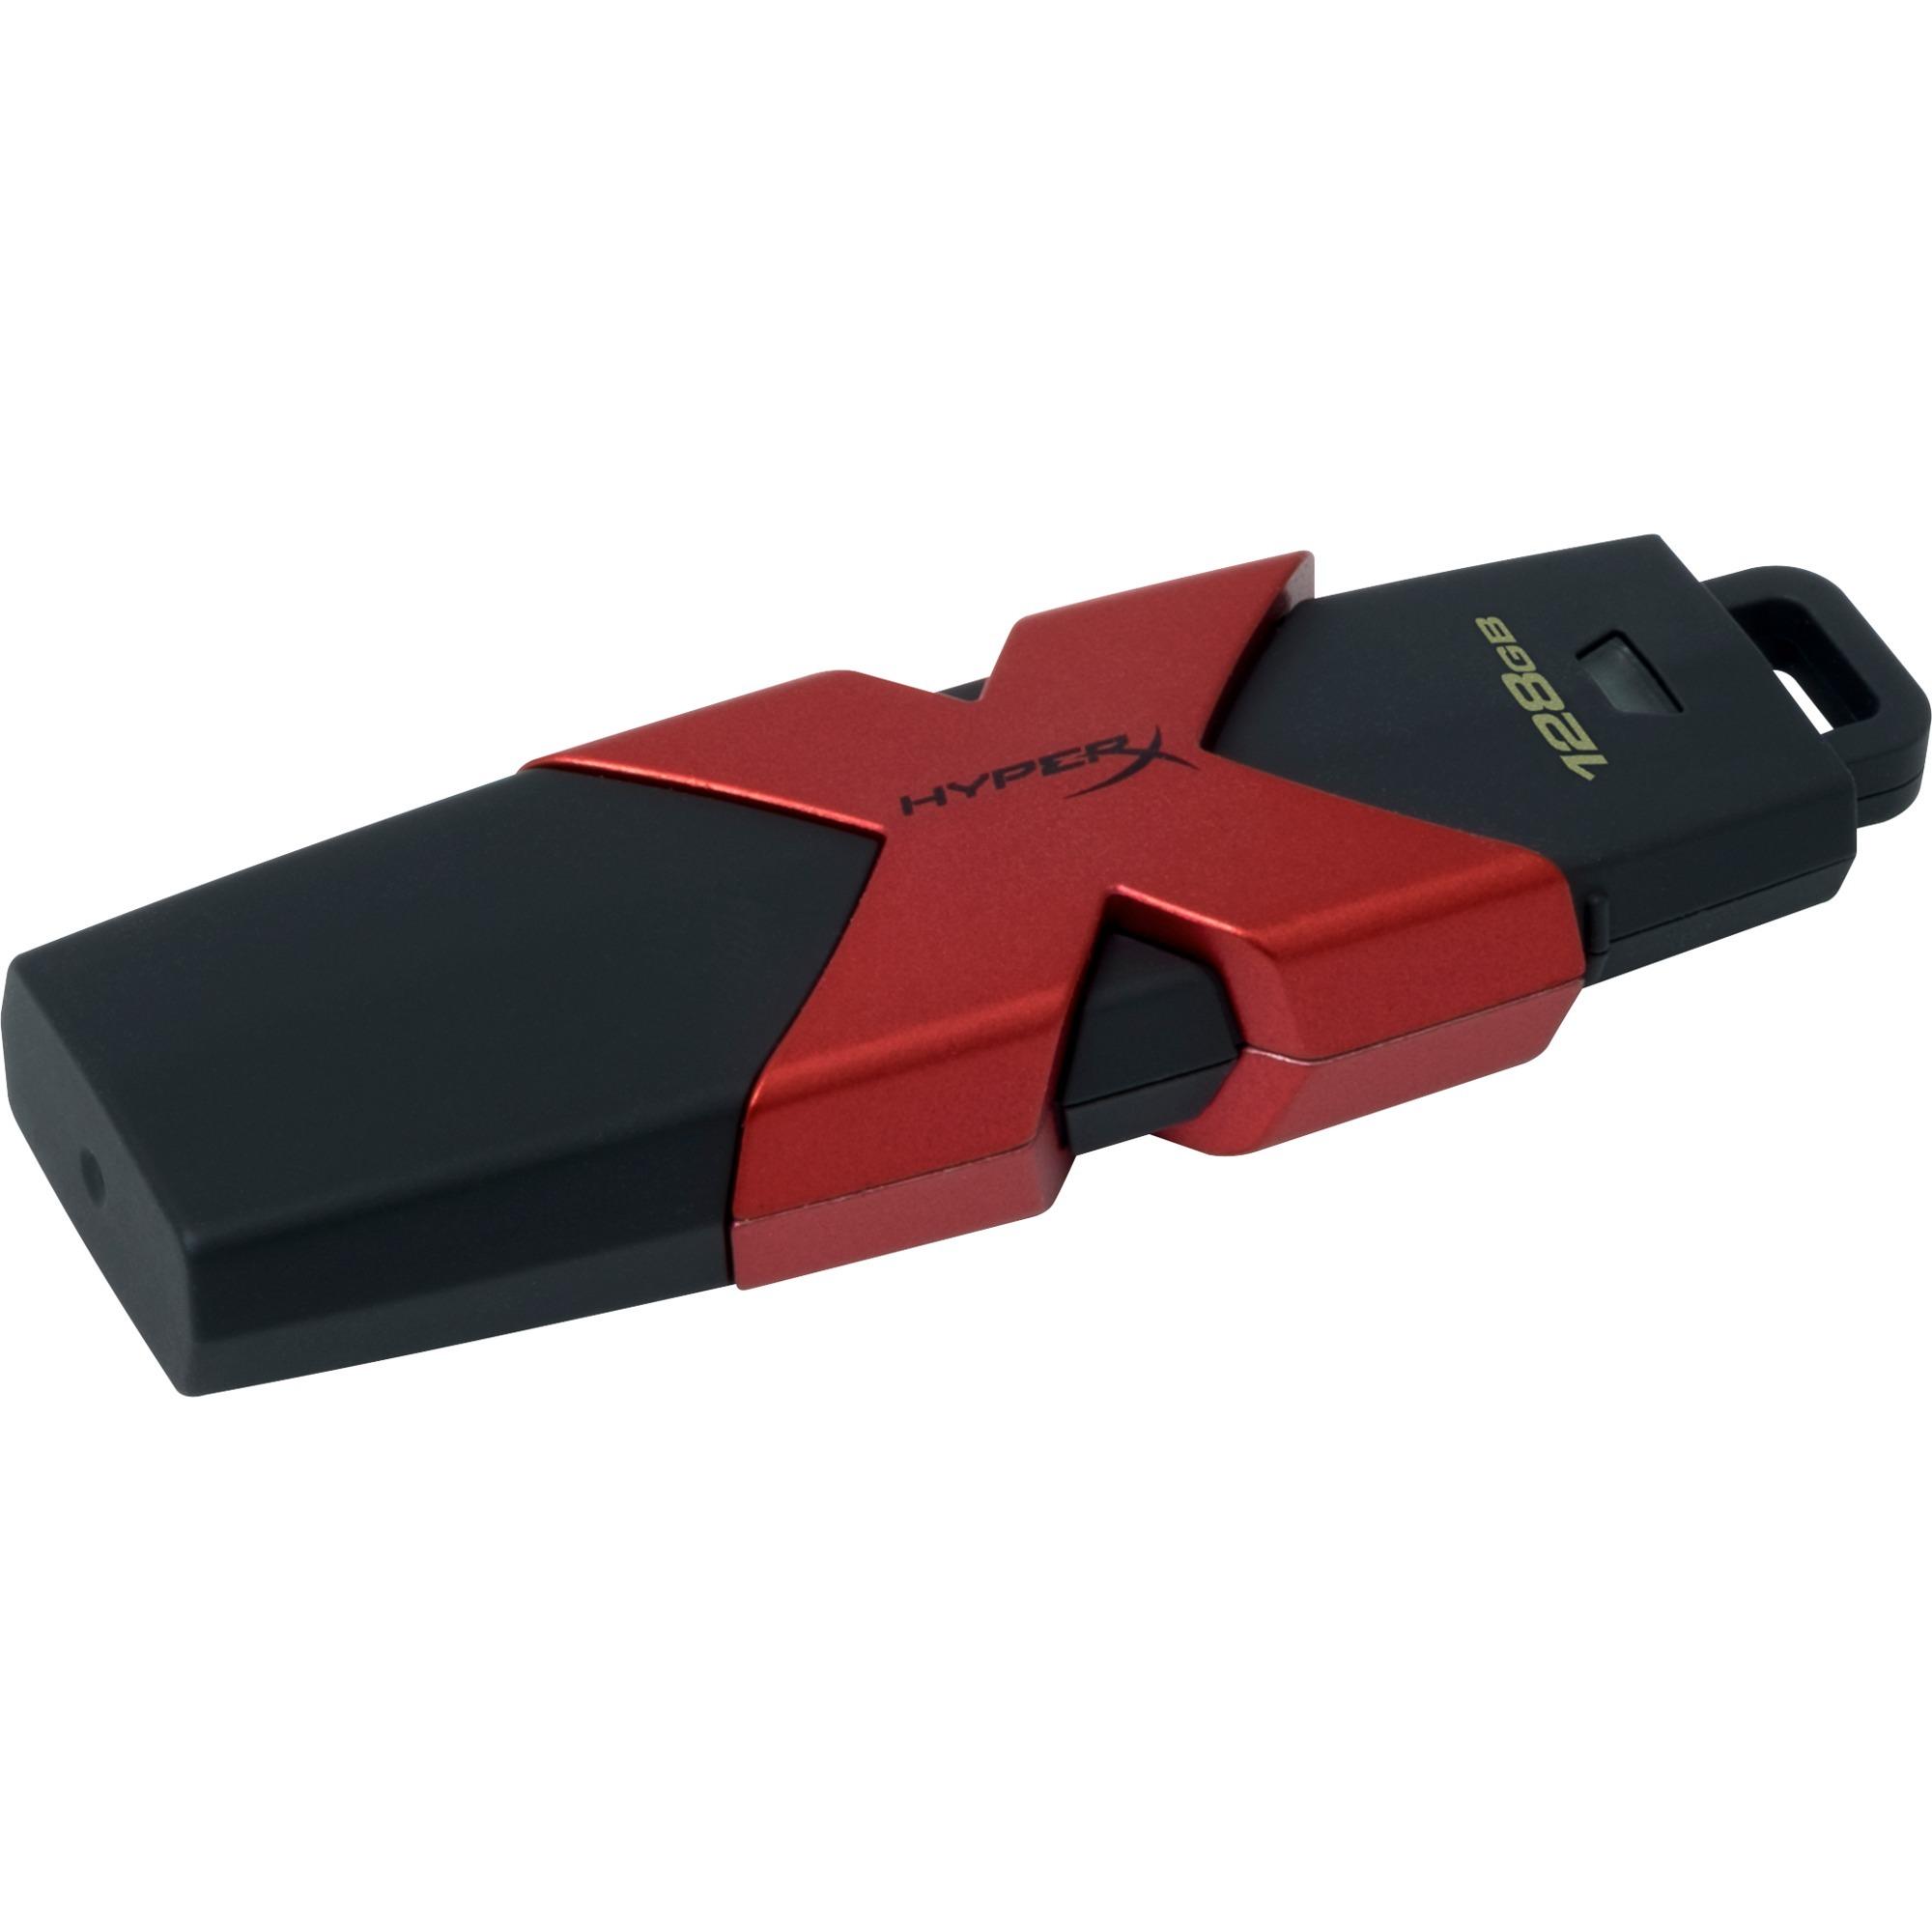 128GB 128GB USB 3.0 (3.1 Gen 1) Capacity Negro, Rojo unidad flash USB, Lápiz USB